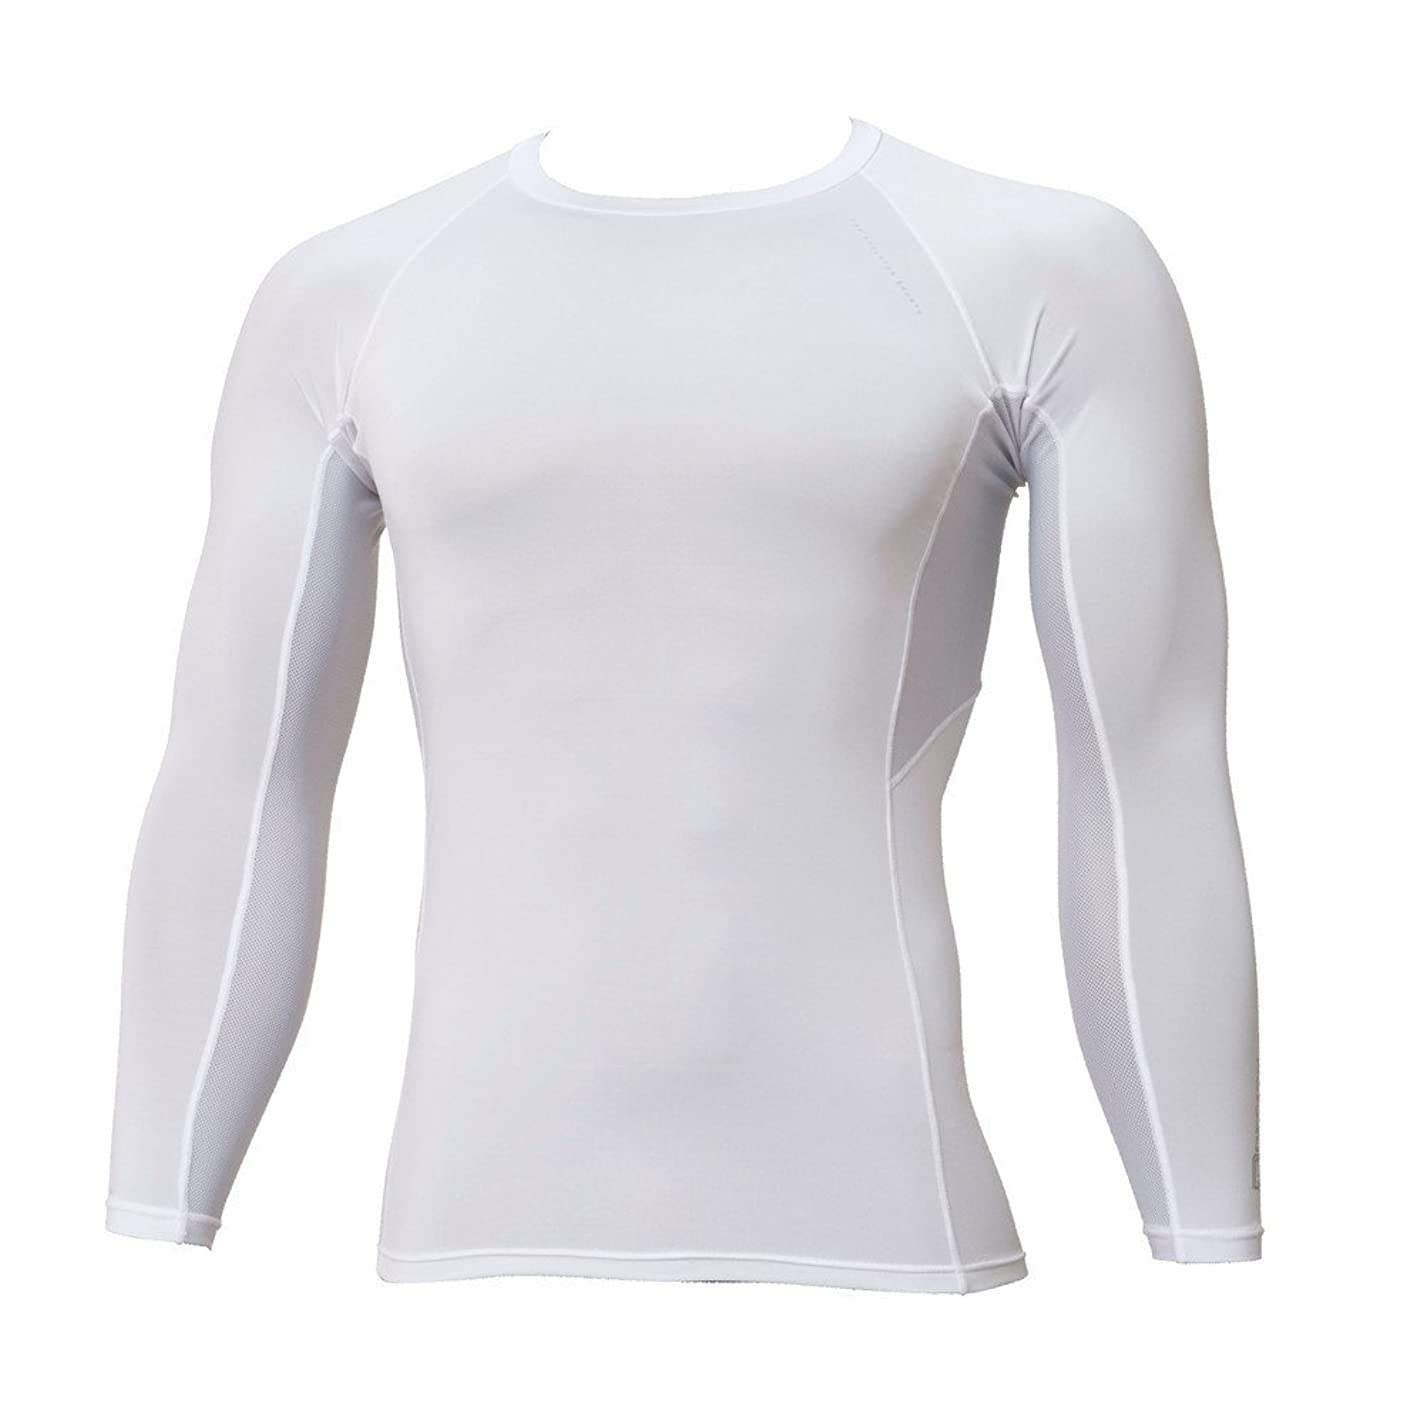 リーチ領事館カイウス藤和 TS DESIGN ロングスリーブシャツ 3L ホワイト 84105